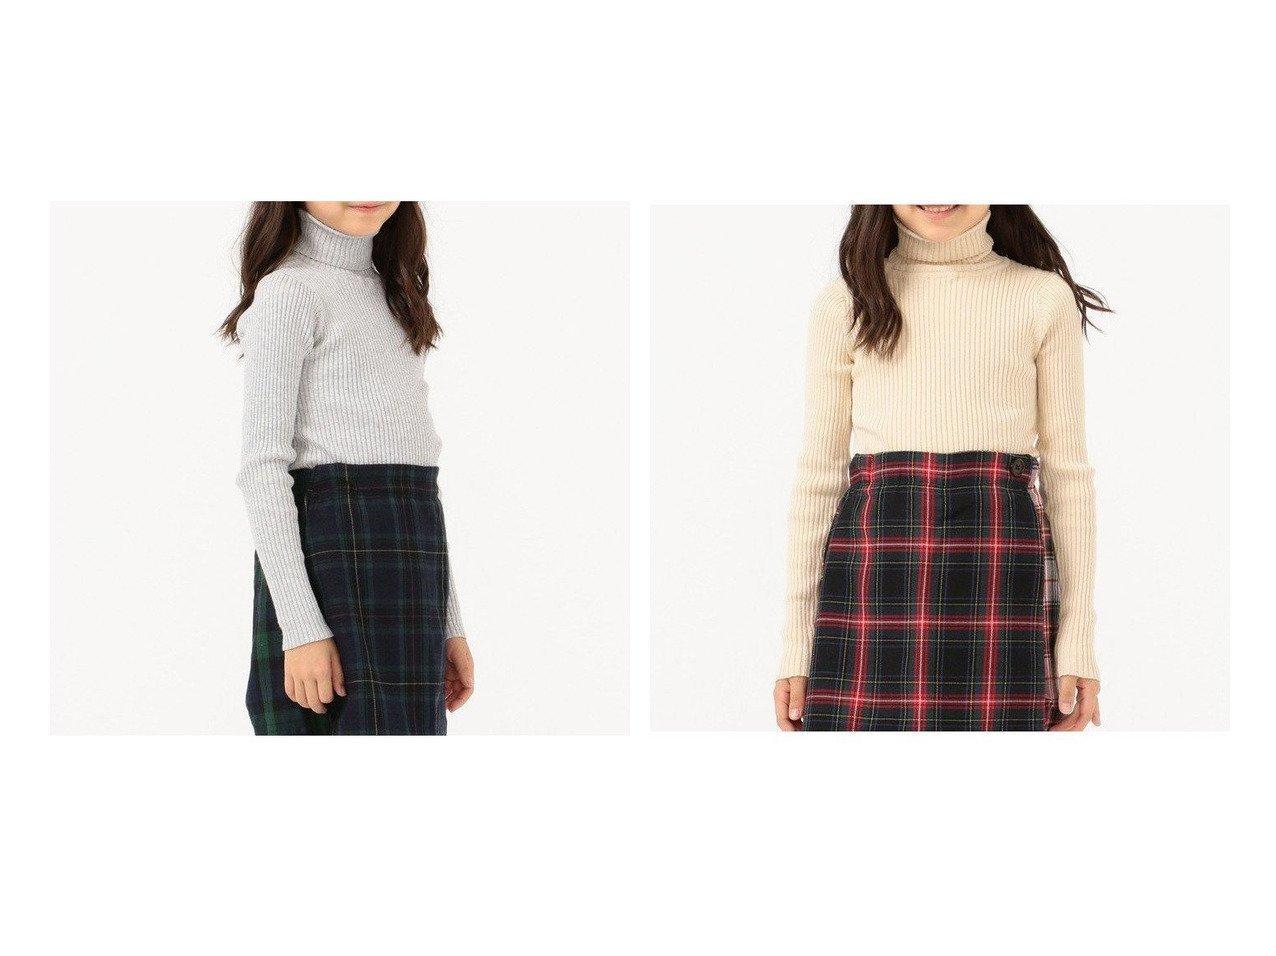 【SHIPS / KIDS/シップス】のSHIPS KIDS リブ タートルネック ニット(無地)(XS~XL) 【KIDS】子供服のおすすめ!人気トレンド・キッズファッションの通販 おすすめで人気の流行・トレンド、ファッションの通販商品 メンズファッション・キッズファッション・インテリア・家具・レディースファッション・服の通販 founy(ファニー) https://founy.com/ ファッション Fashion キッズファッション KIDS トップス カットソー Tops Tees Kids A/W 秋冬 AW Autumn/Winter / FW Fall-Winter カーディガン シンプル ジャケット セーター タートルネック リブニット 再入荷 Restock/Back in Stock/Re Arrival 無地 防寒  ID:crp329100000023176